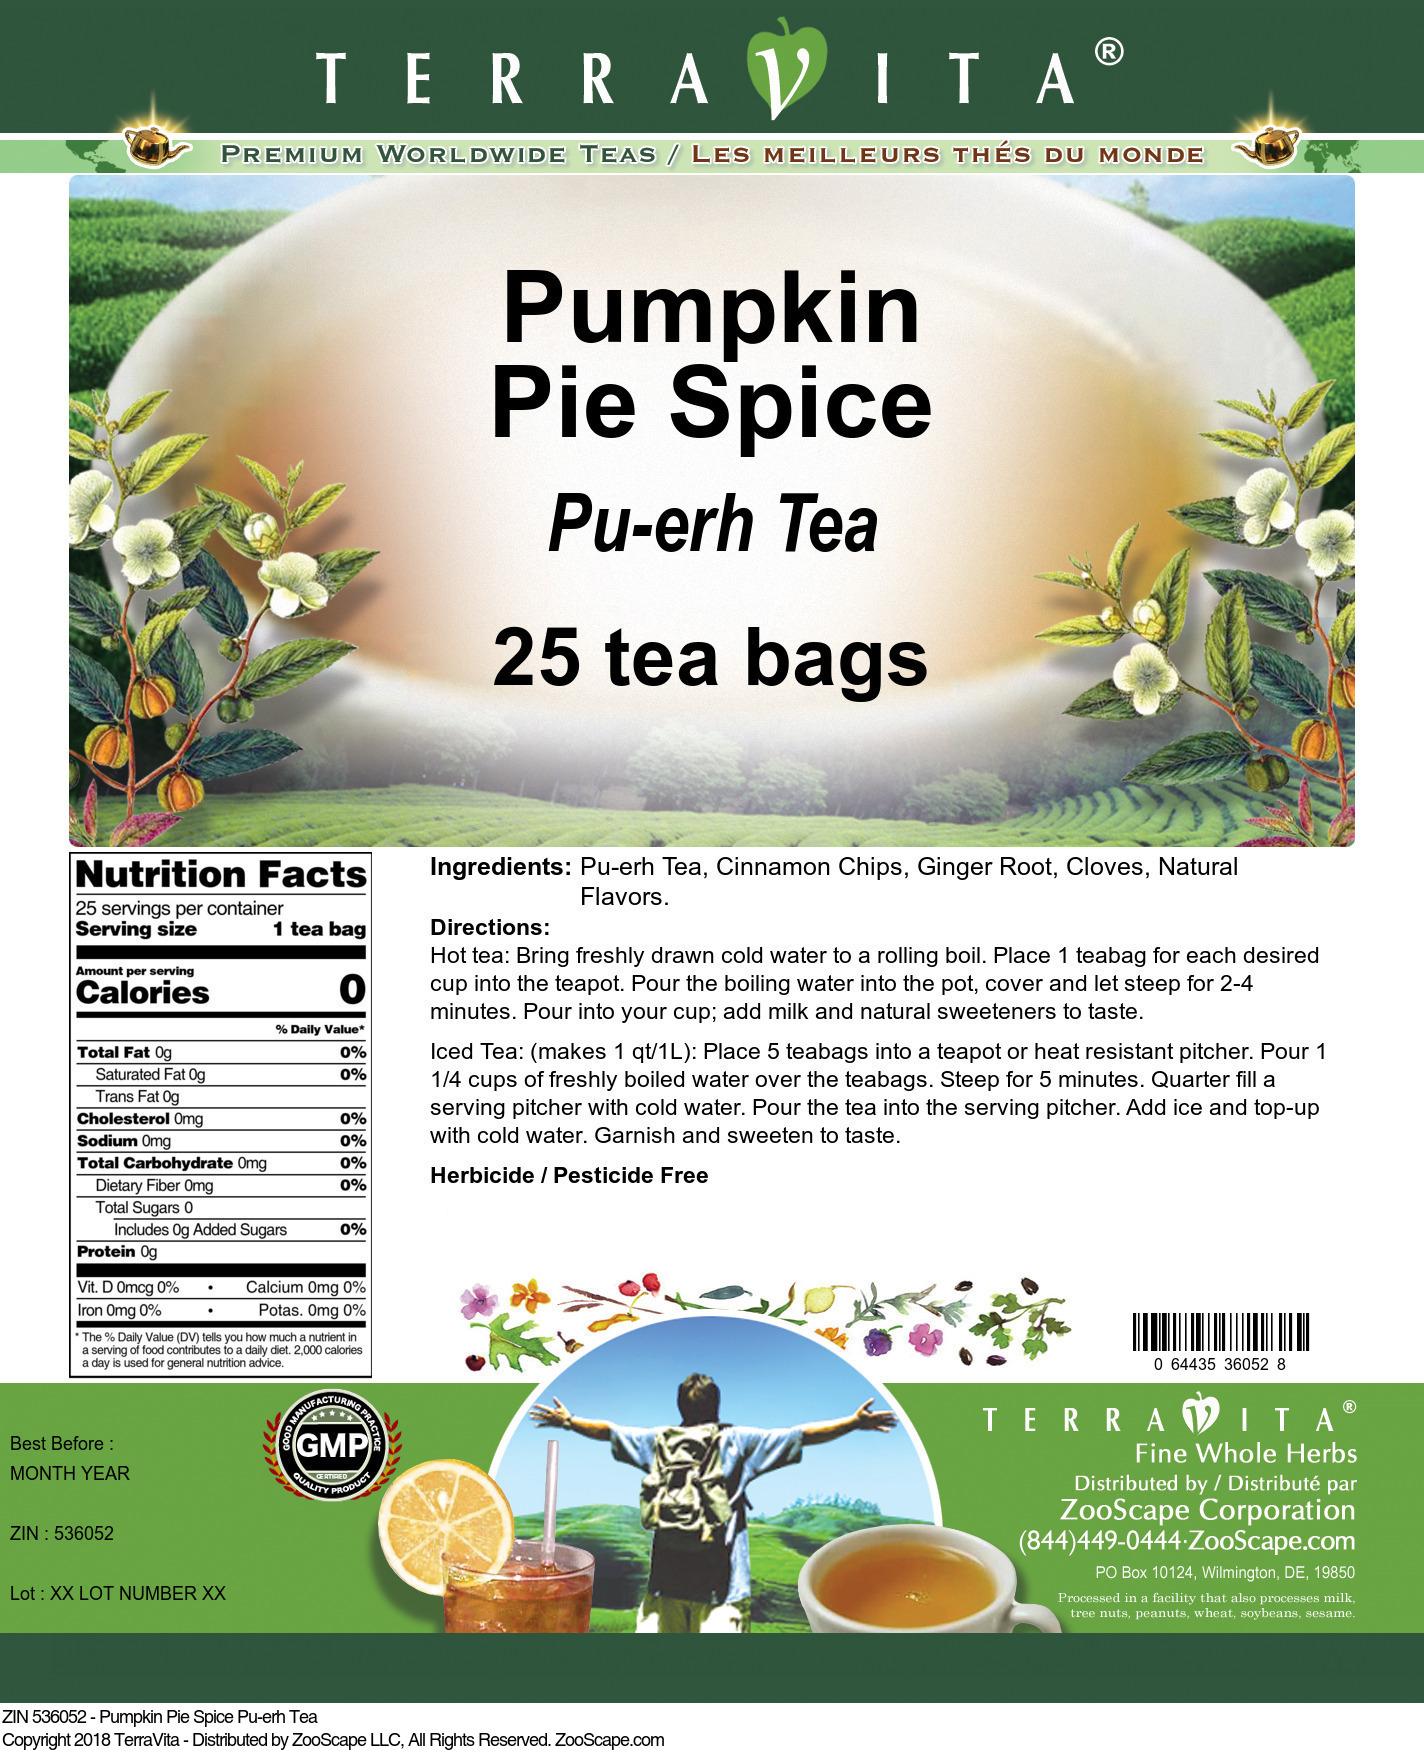 Pumpkin Pie Spice Pu-erh Tea